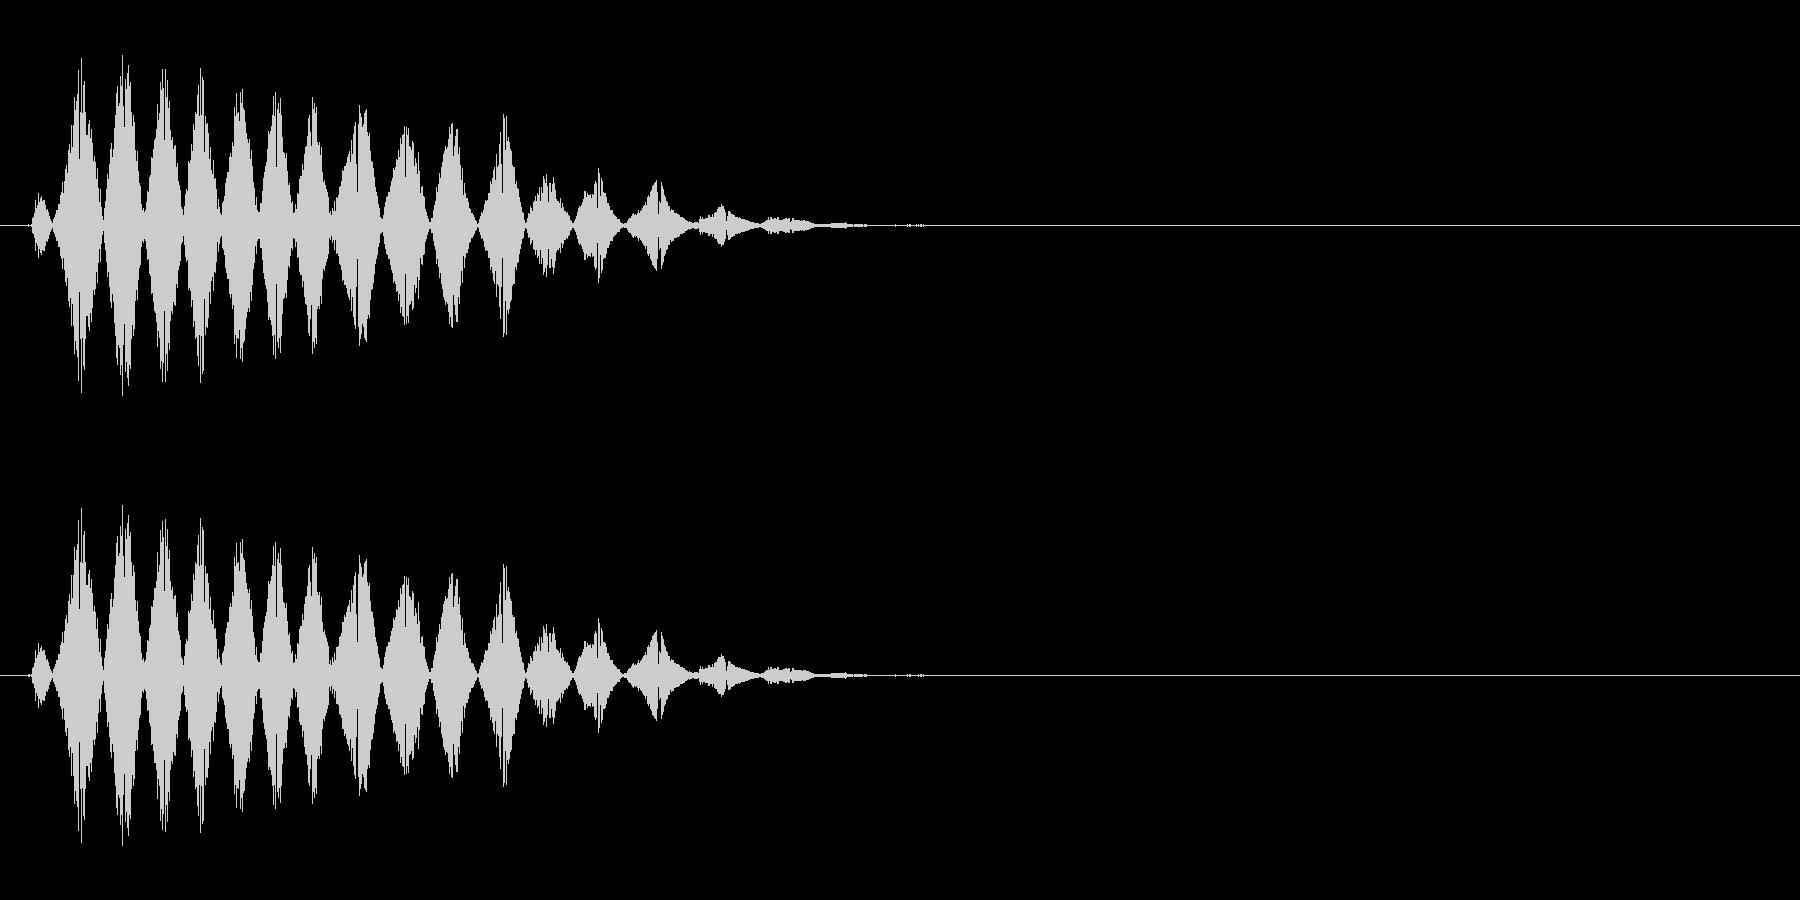 コミカルなおばけの声(ピッチ高め)の未再生の波形